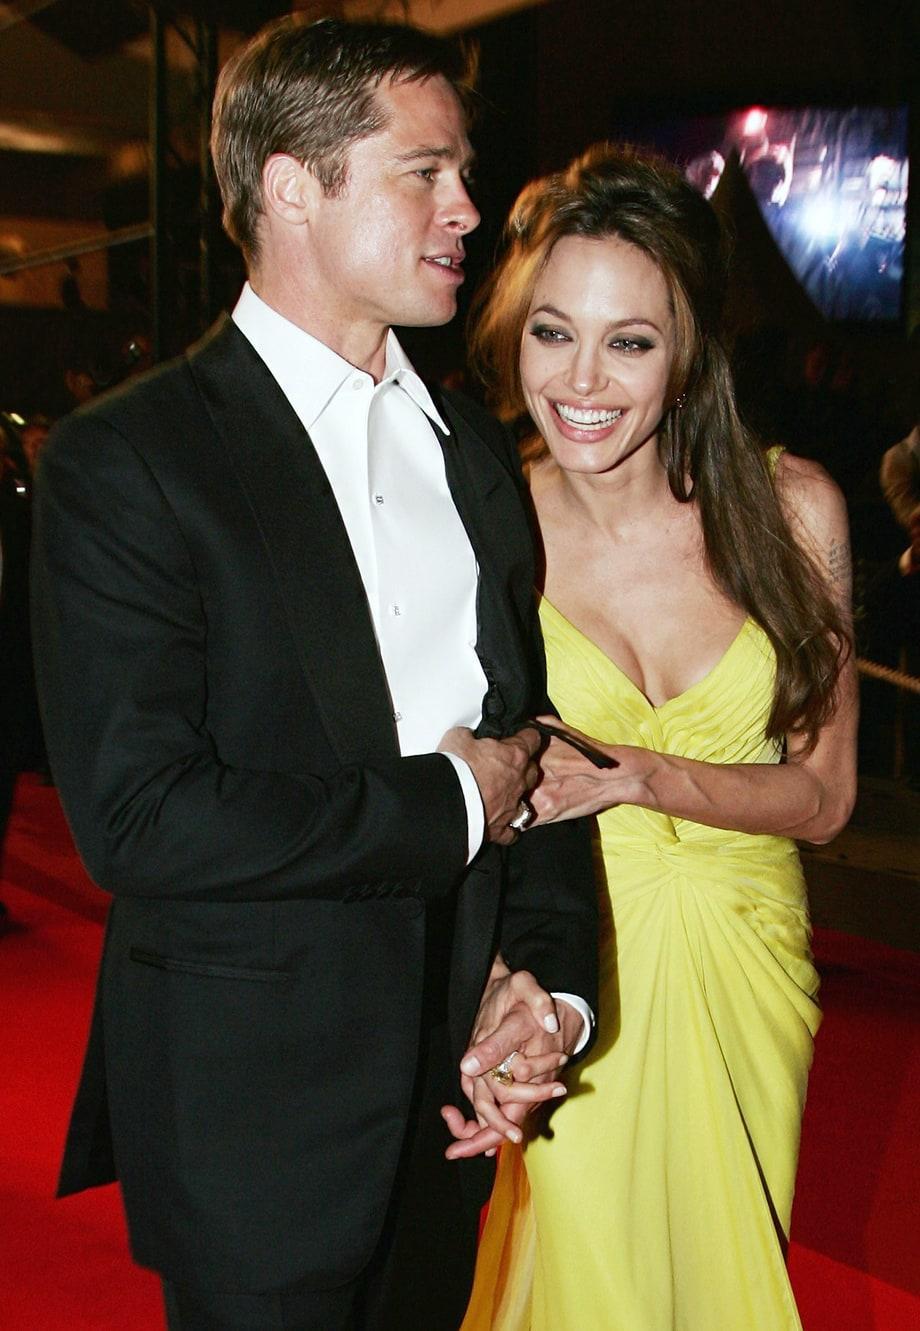 Kể từ đó, cặp đôi nổi tiếng Hollywood này bước đi trên con đường đầy chông gai và sóng gió dư luận